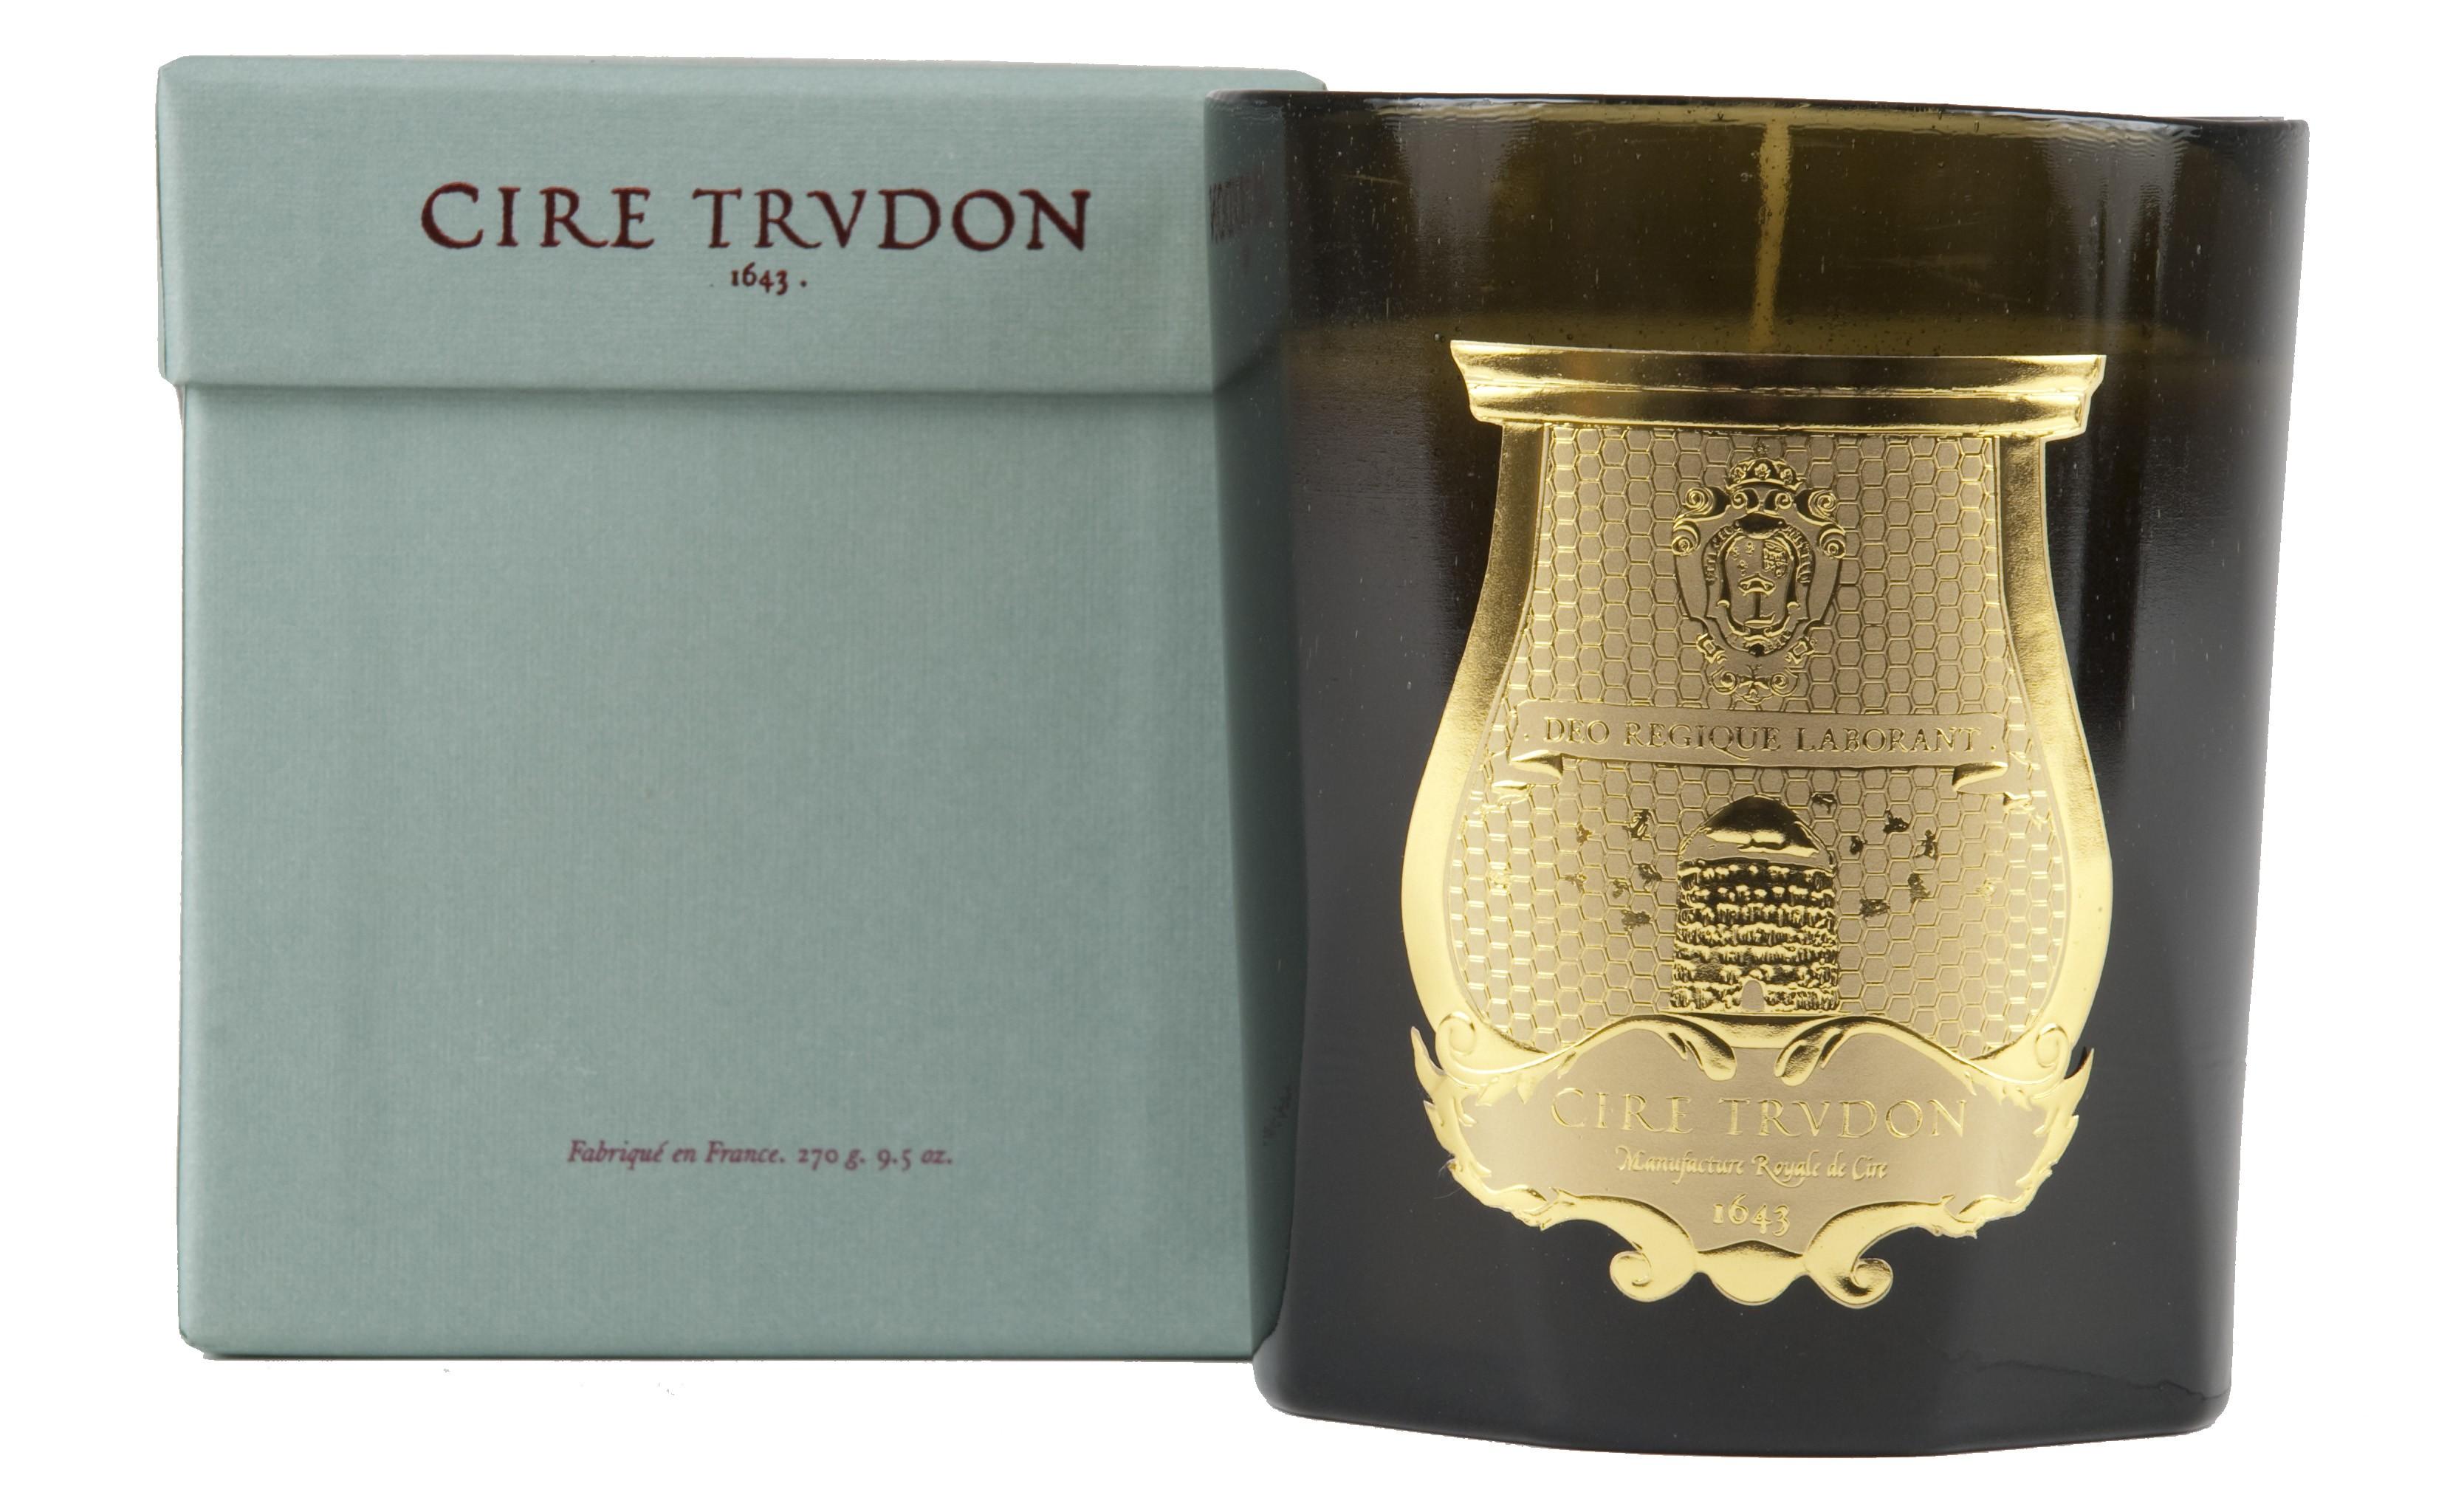 Свеча Cire Trudon - 1800 гривен